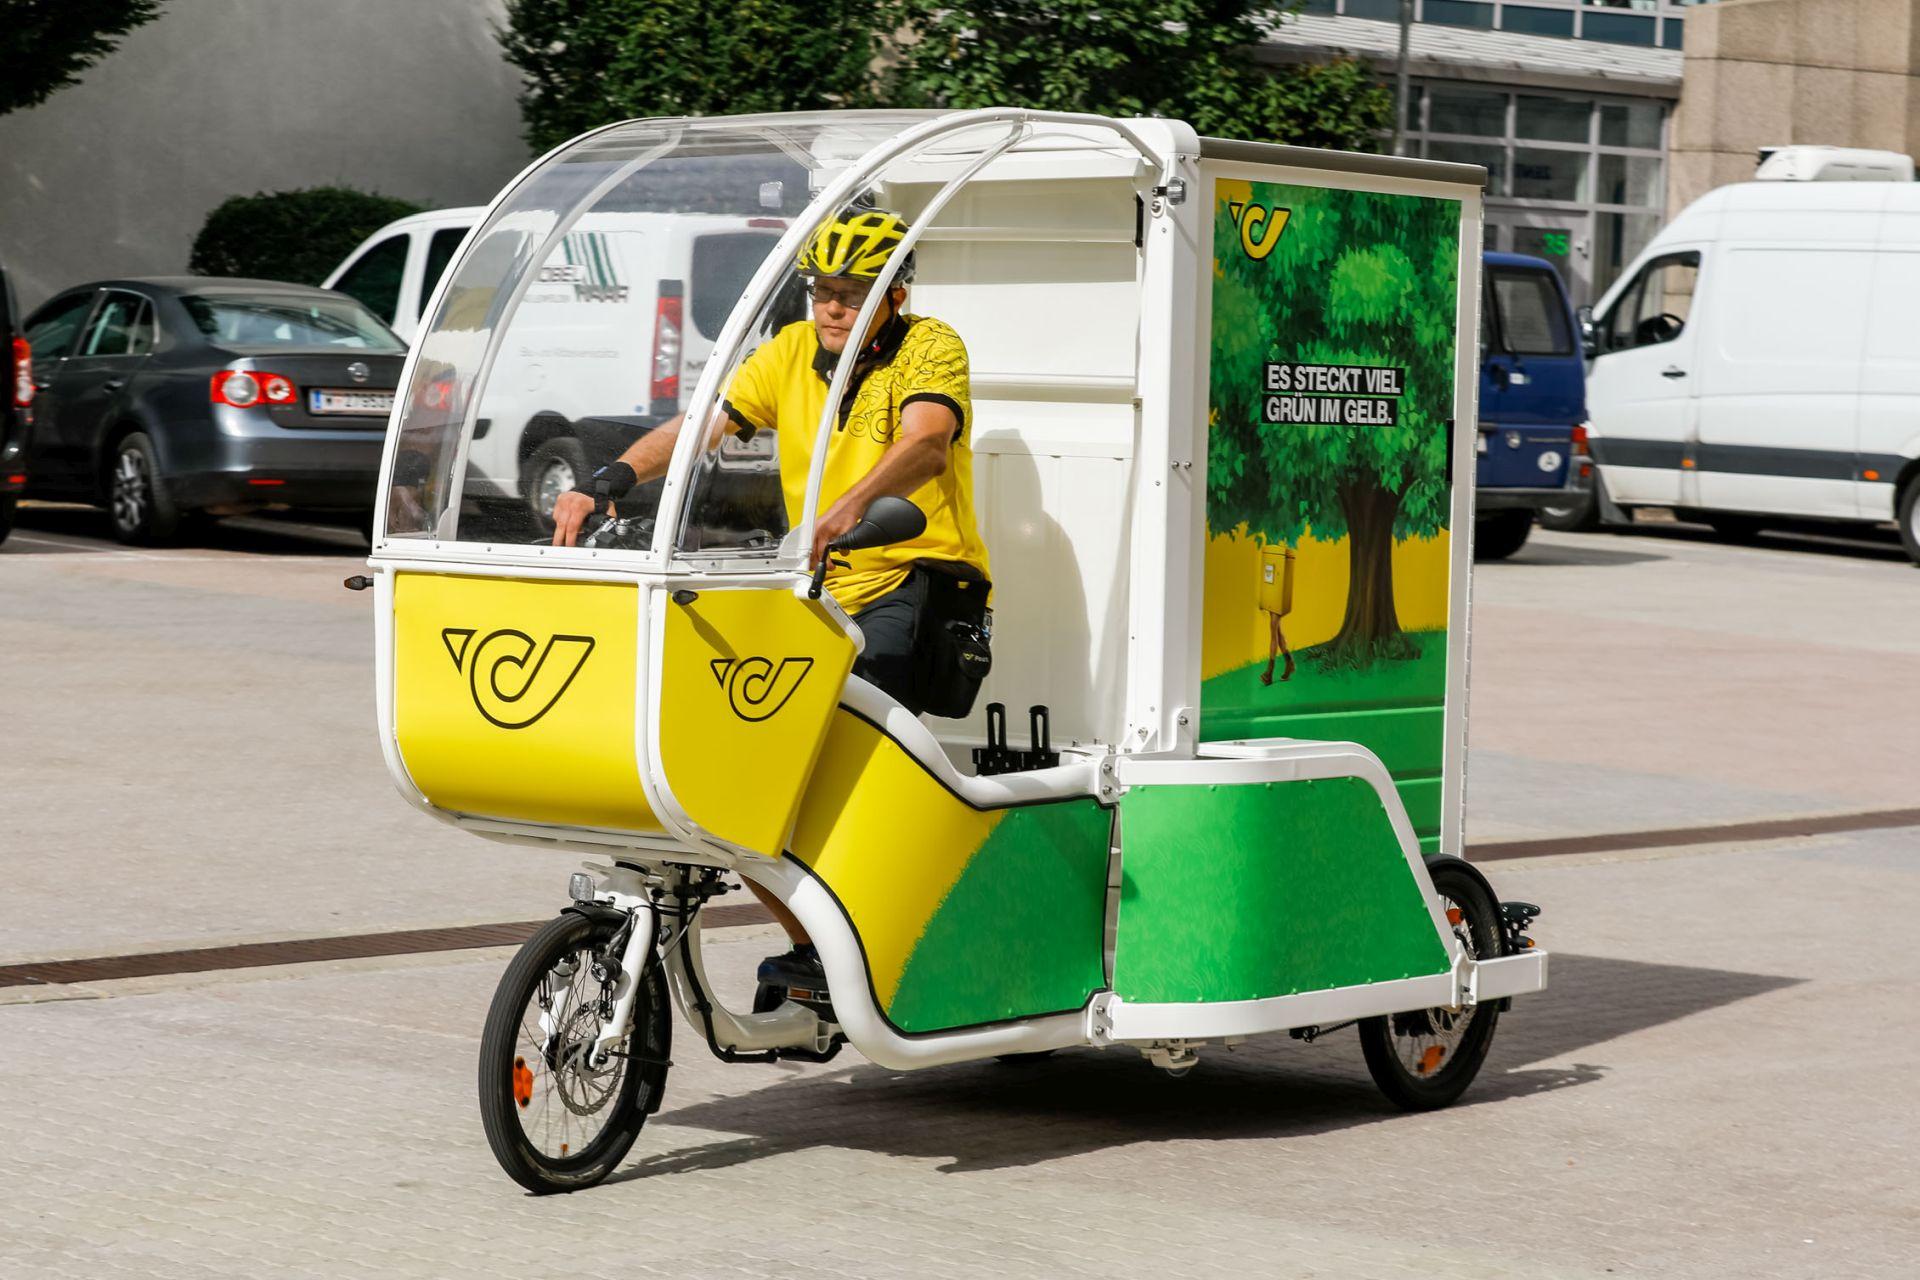 Die Post testet im 3. Bezirk die Zustellung von Paketen mit speziellen Transportfahrrädern. Nachhaltige Logistikmodelle tragen zum Klimaschutz bei.